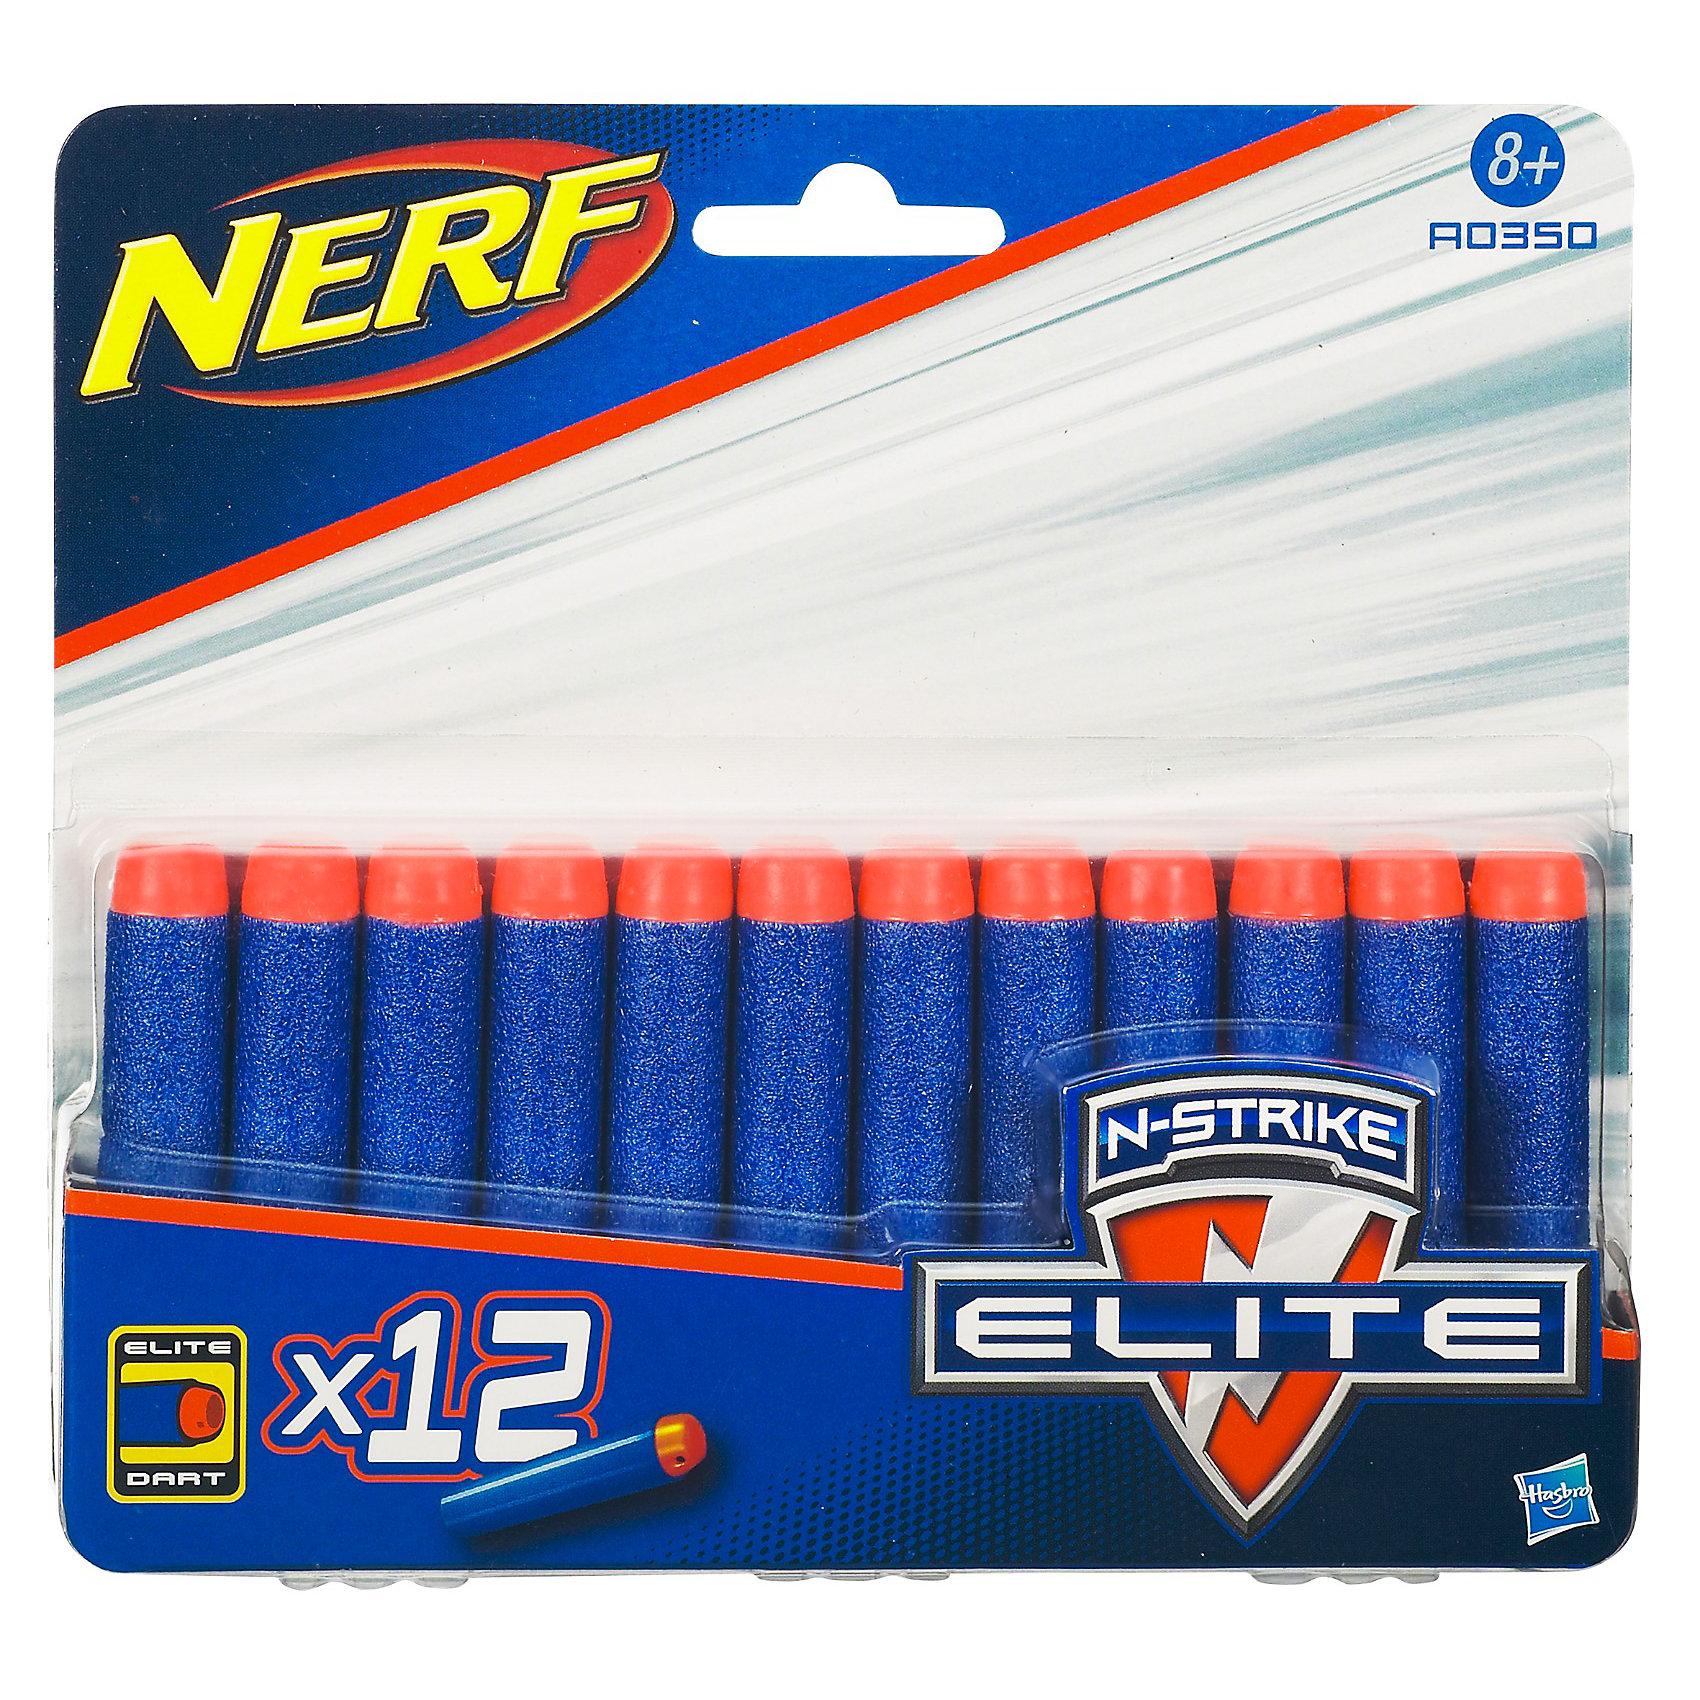 Комплект 12 стрел для бластеров, NERFКомплект мягких и безопасных стрел, которые подходят к любому бластеру Nerf Элит.<br><br>Дополнительная информация:<br>- Материал: резина.<br>- В комплекте: 12 шт.<br><br>Комплект из 12 стрел для бластеров, Nerf можно купить в нашем интернет - магазине.<br><br>Ширина мм: 168<br>Глубина мм: 152<br>Высота мм: 25<br>Вес г: 34<br>Возраст от месяцев: 96<br>Возраст до месяцев: 144<br>Пол: Мужской<br>Возраст: Детский<br>SKU: 2624490